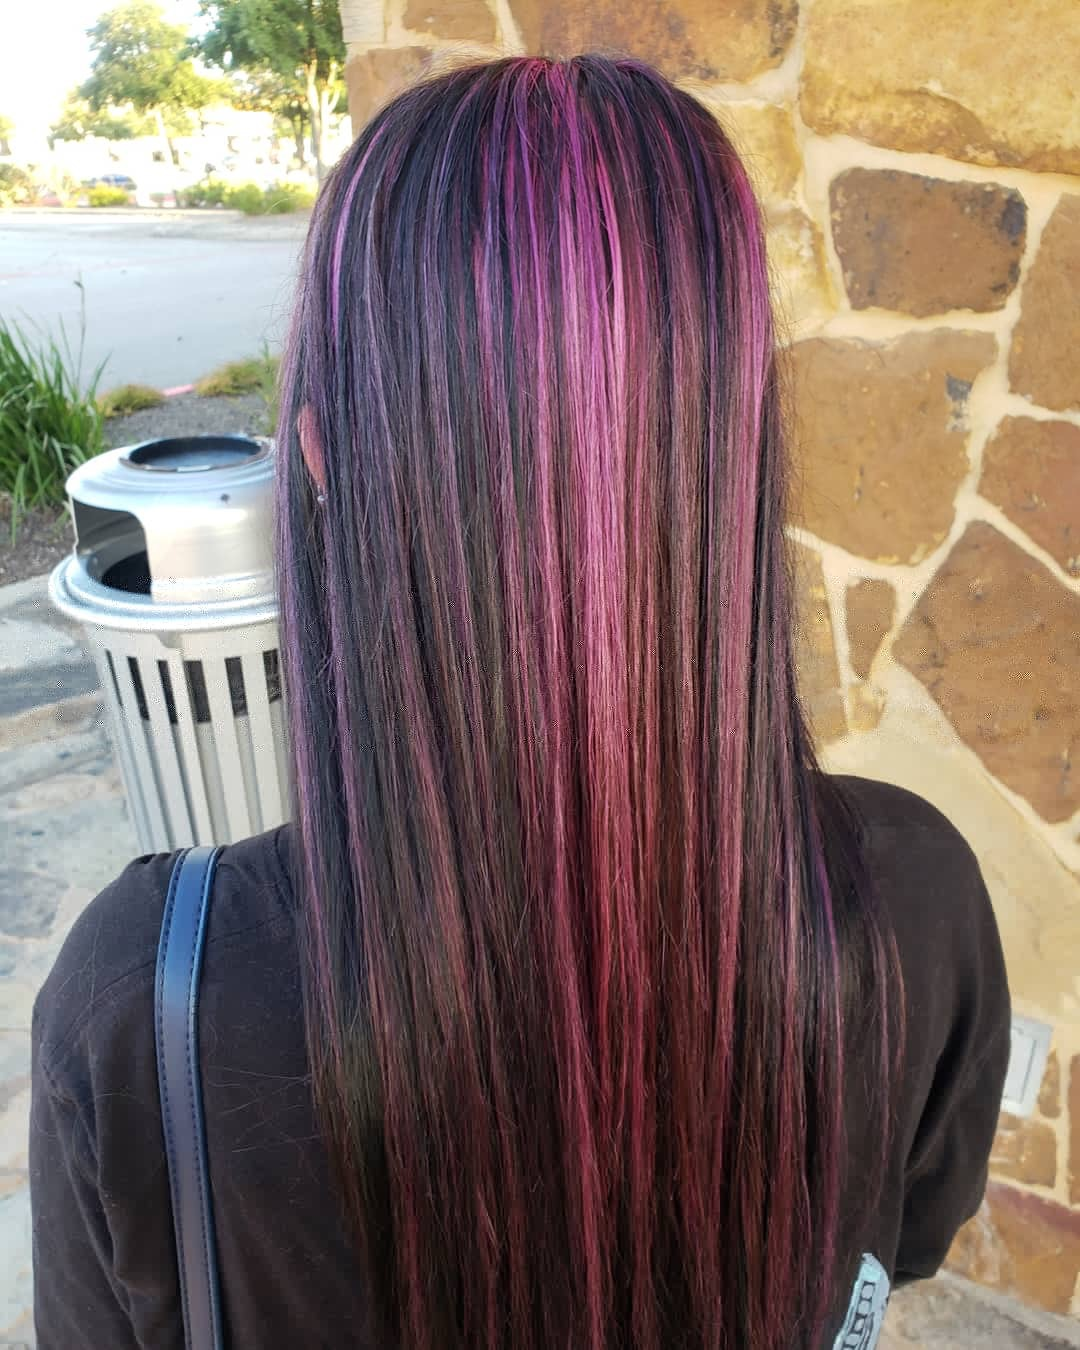 Foil pink highlights